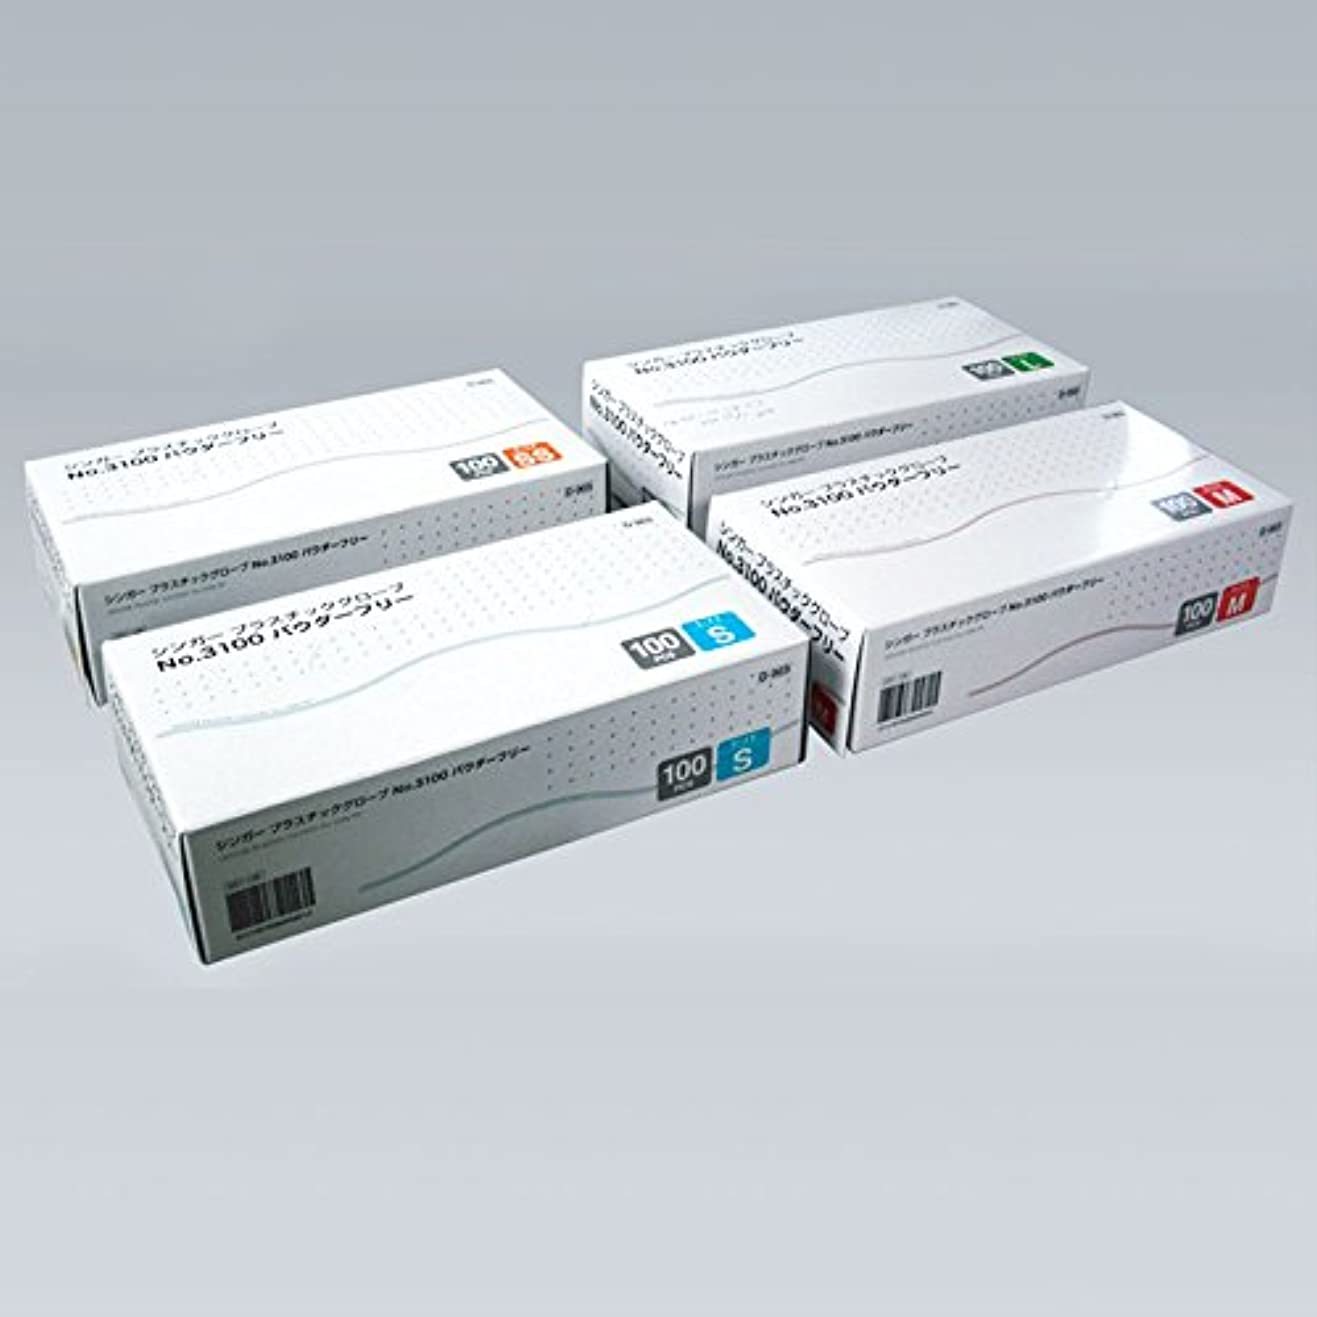 請負業者然とした船尾シンガープラスチックグローブNo3100 パウダーフリー1000枚 (100枚入り×10箱) (L)